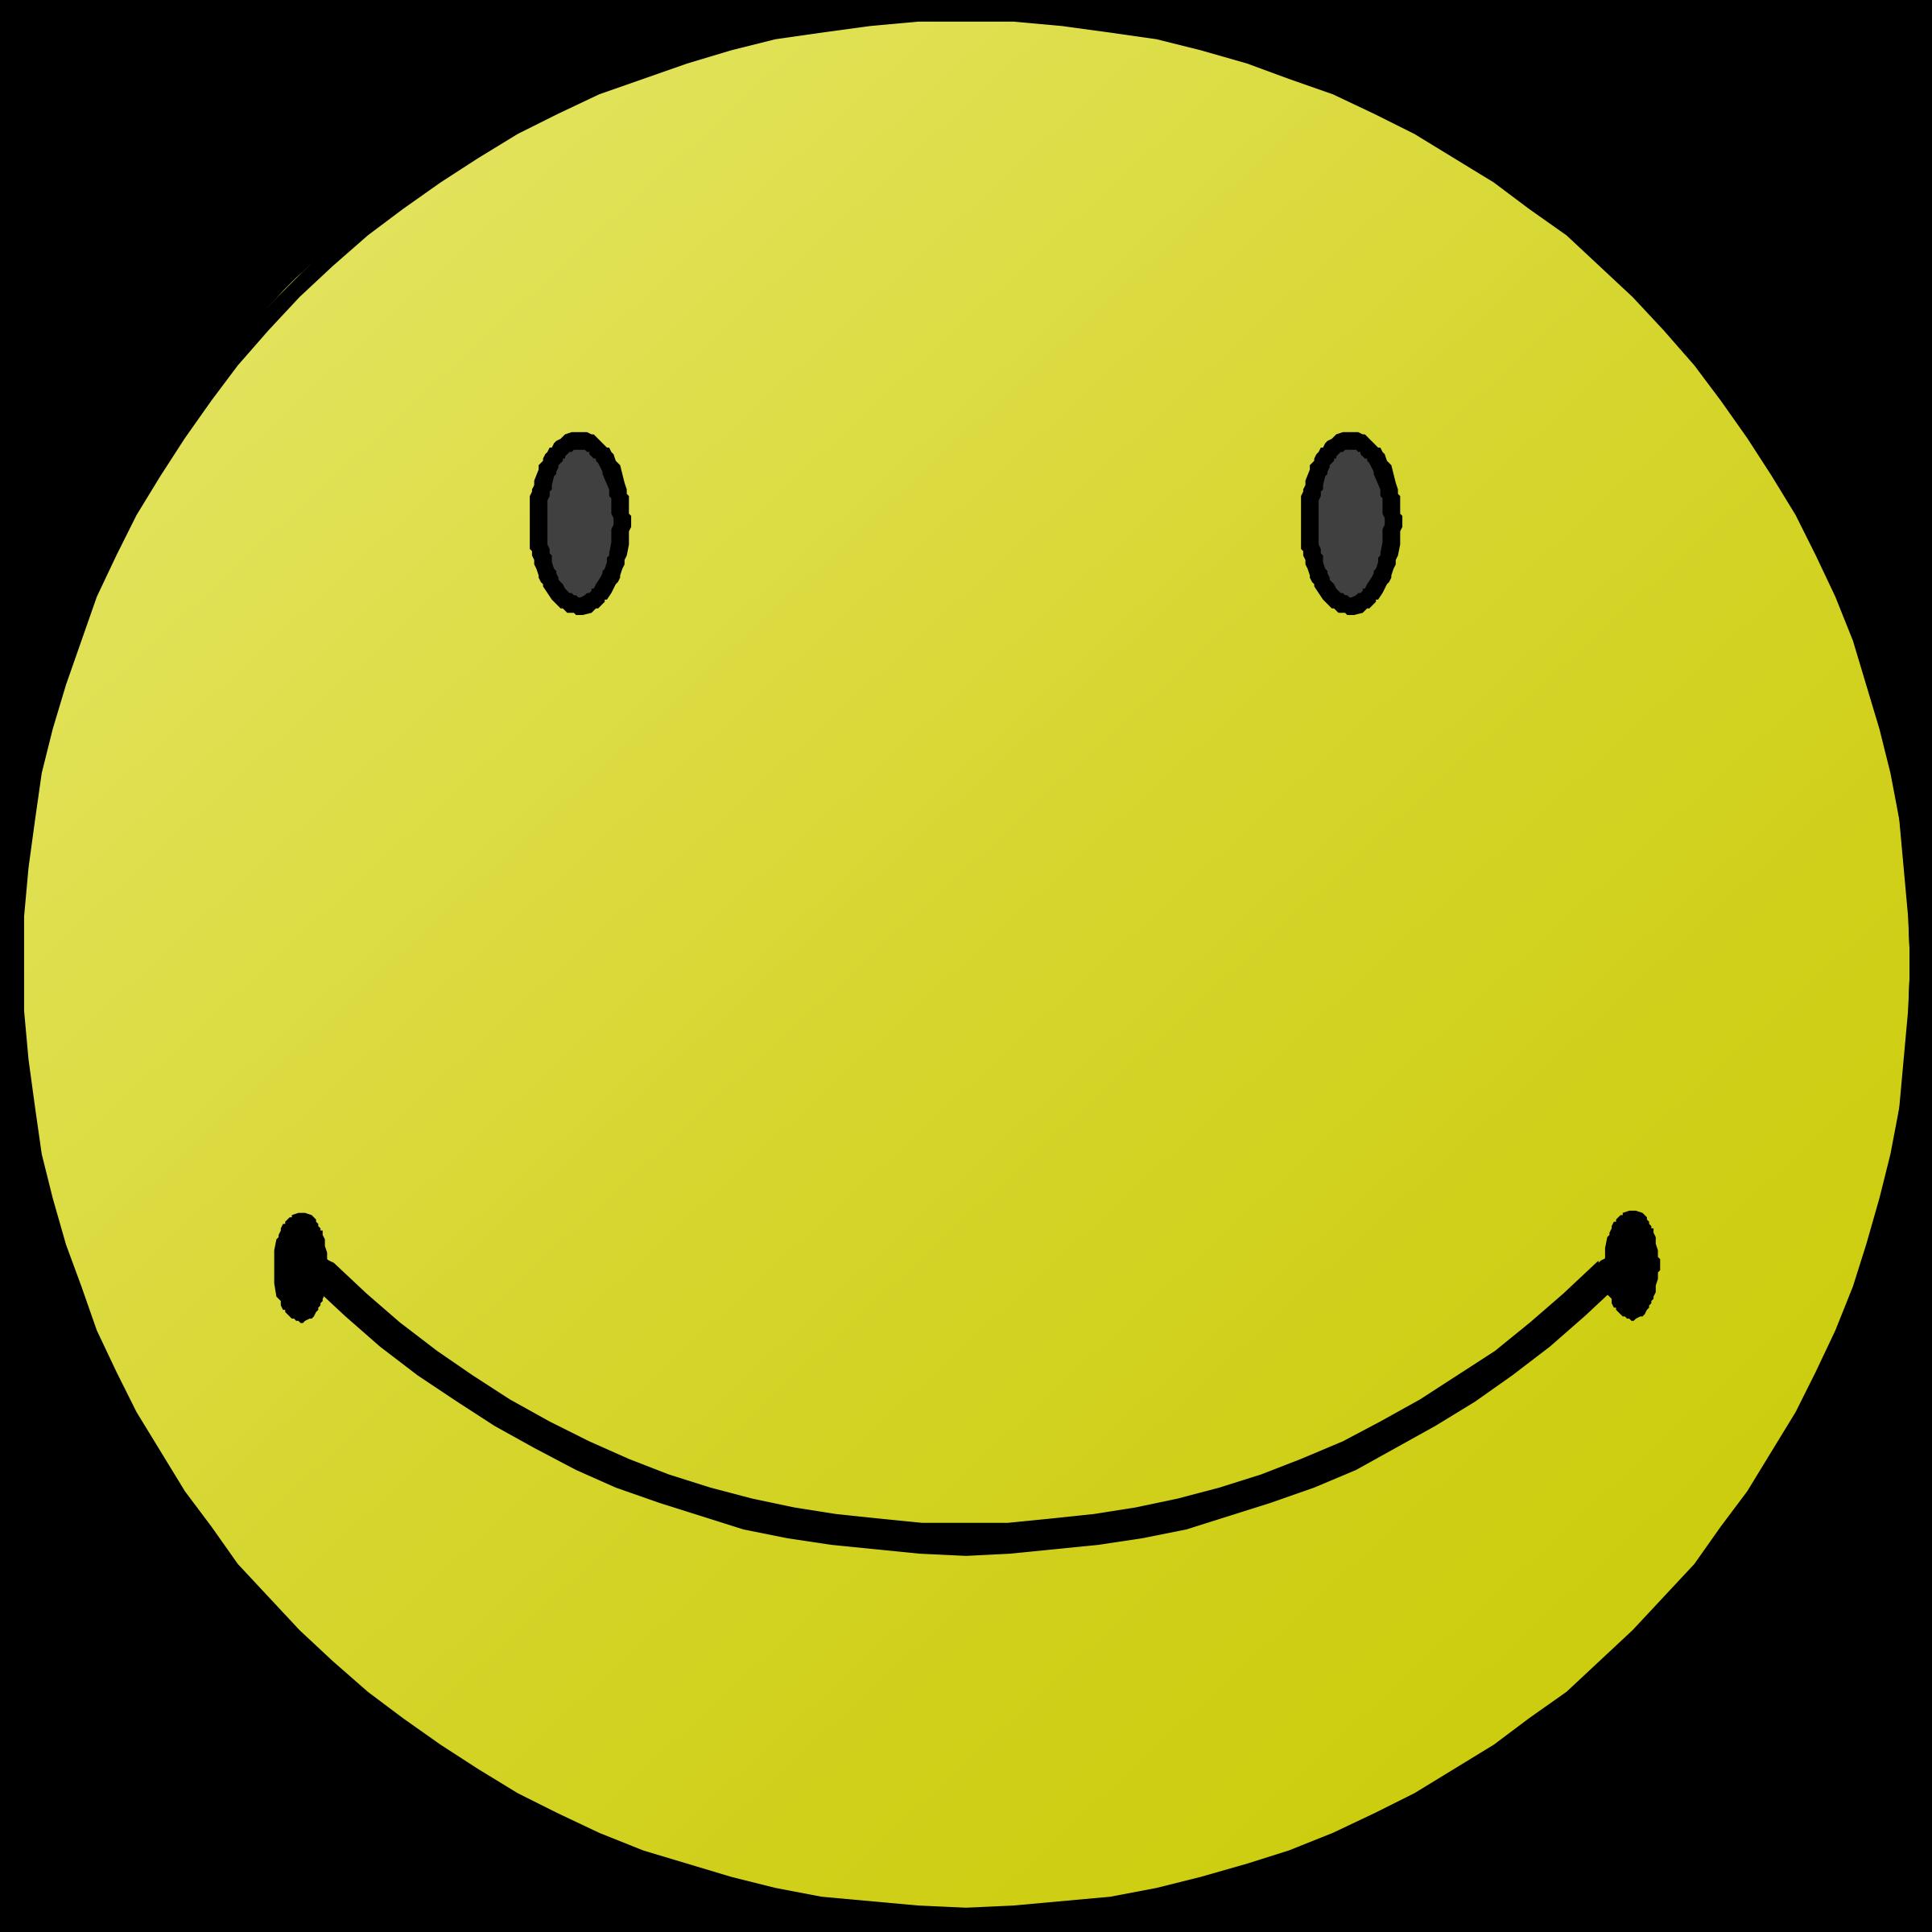 Clipart Smiler Face.